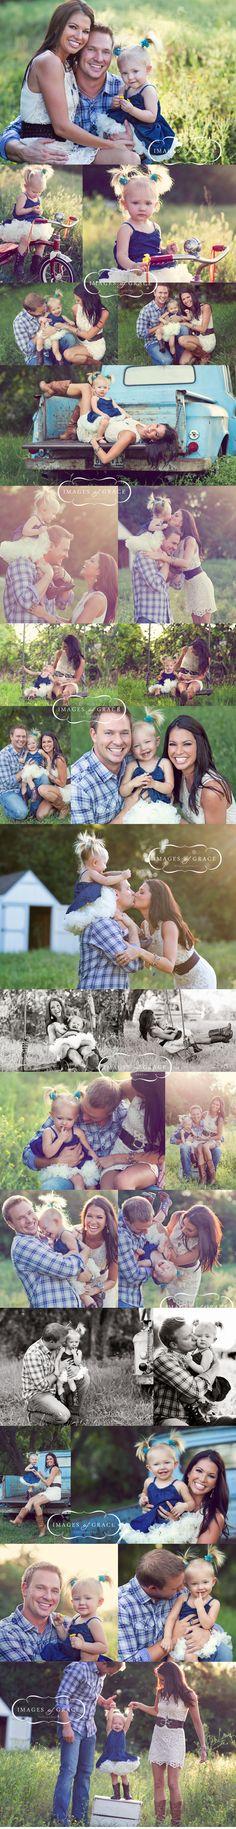 Melissa's beautiful family photo shoot!